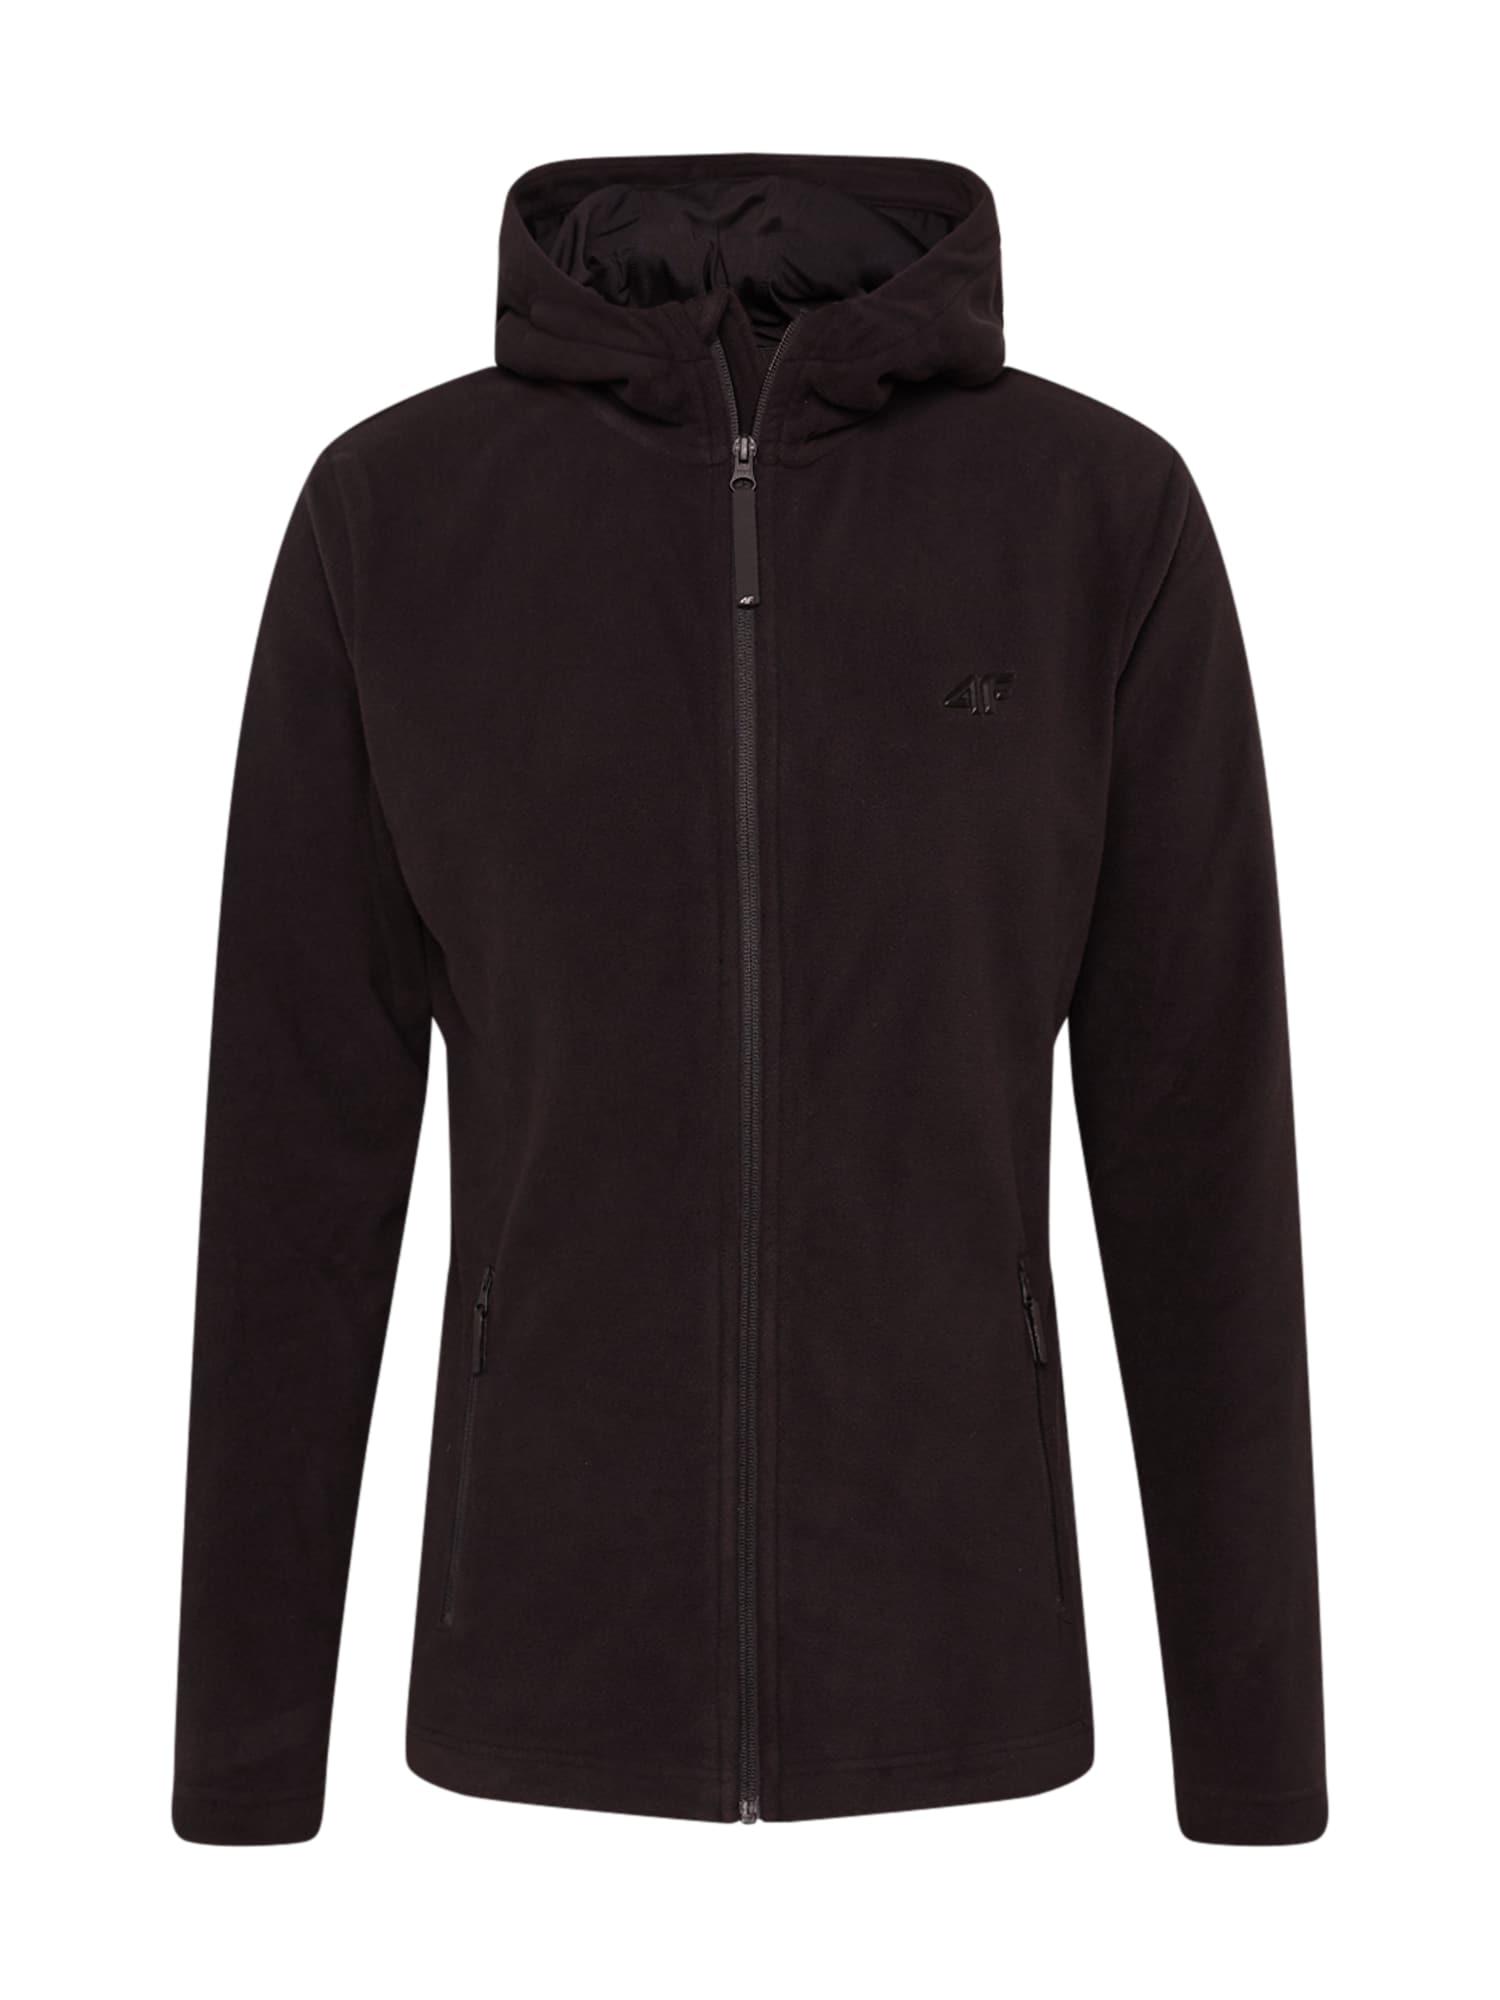 4F Funkcinis flisinis džemperis juoda